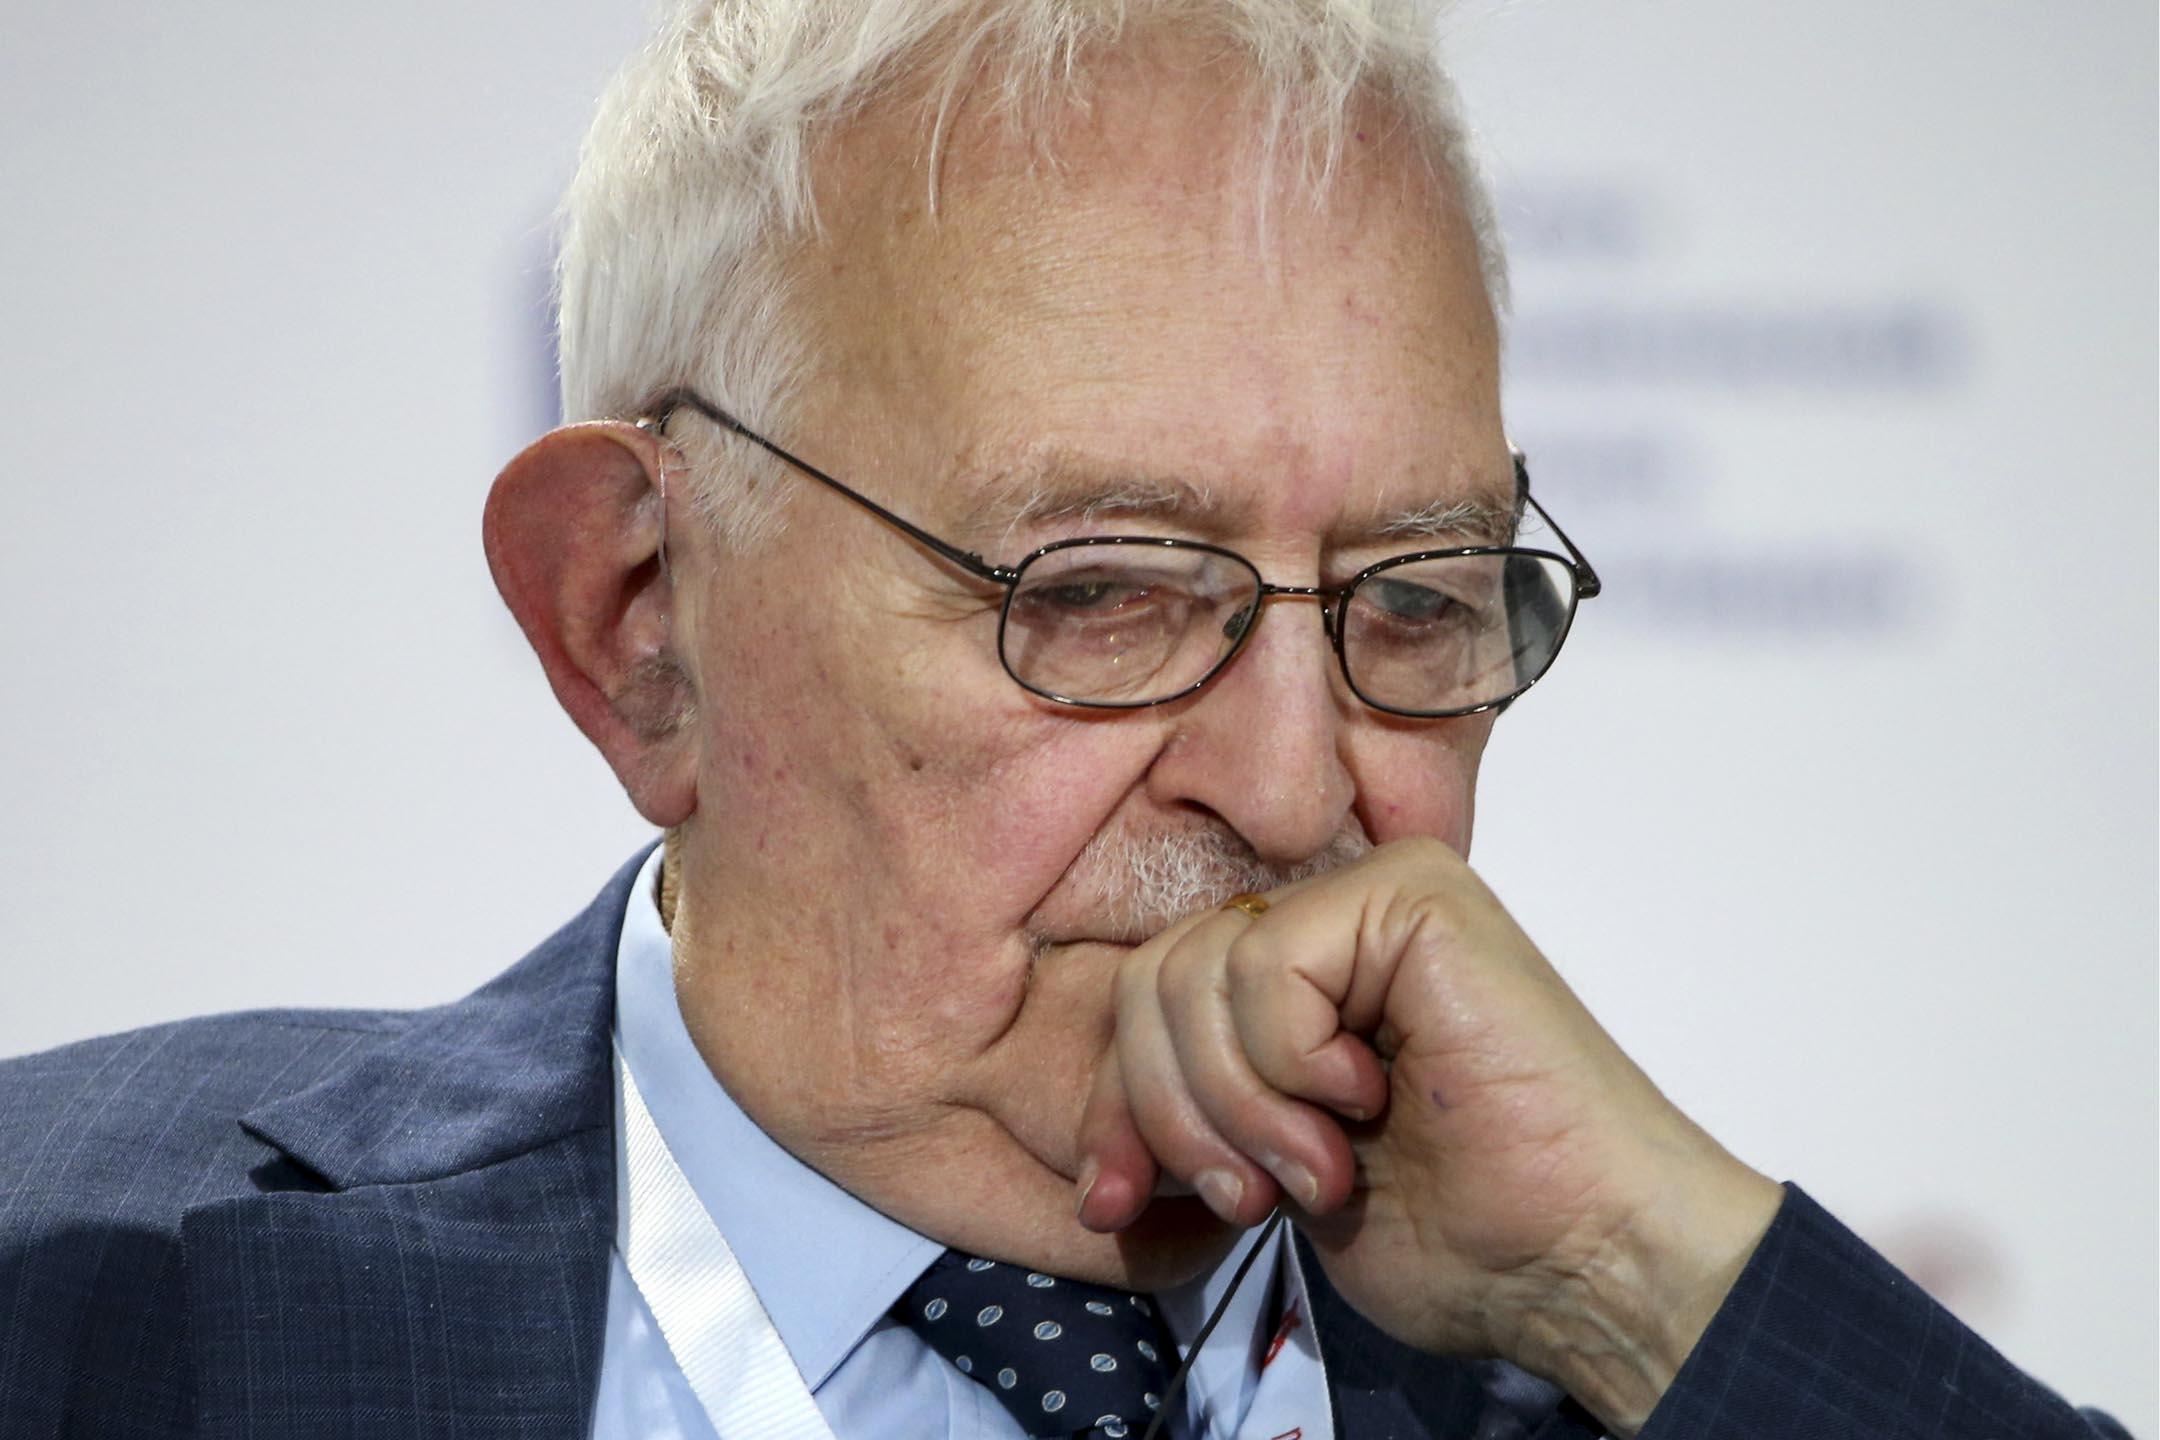 左翼社會學家及哲學家華勒斯坦(Immanuel Wallerstein)在上月31日辭世,終年88歲。 圖:IC photo